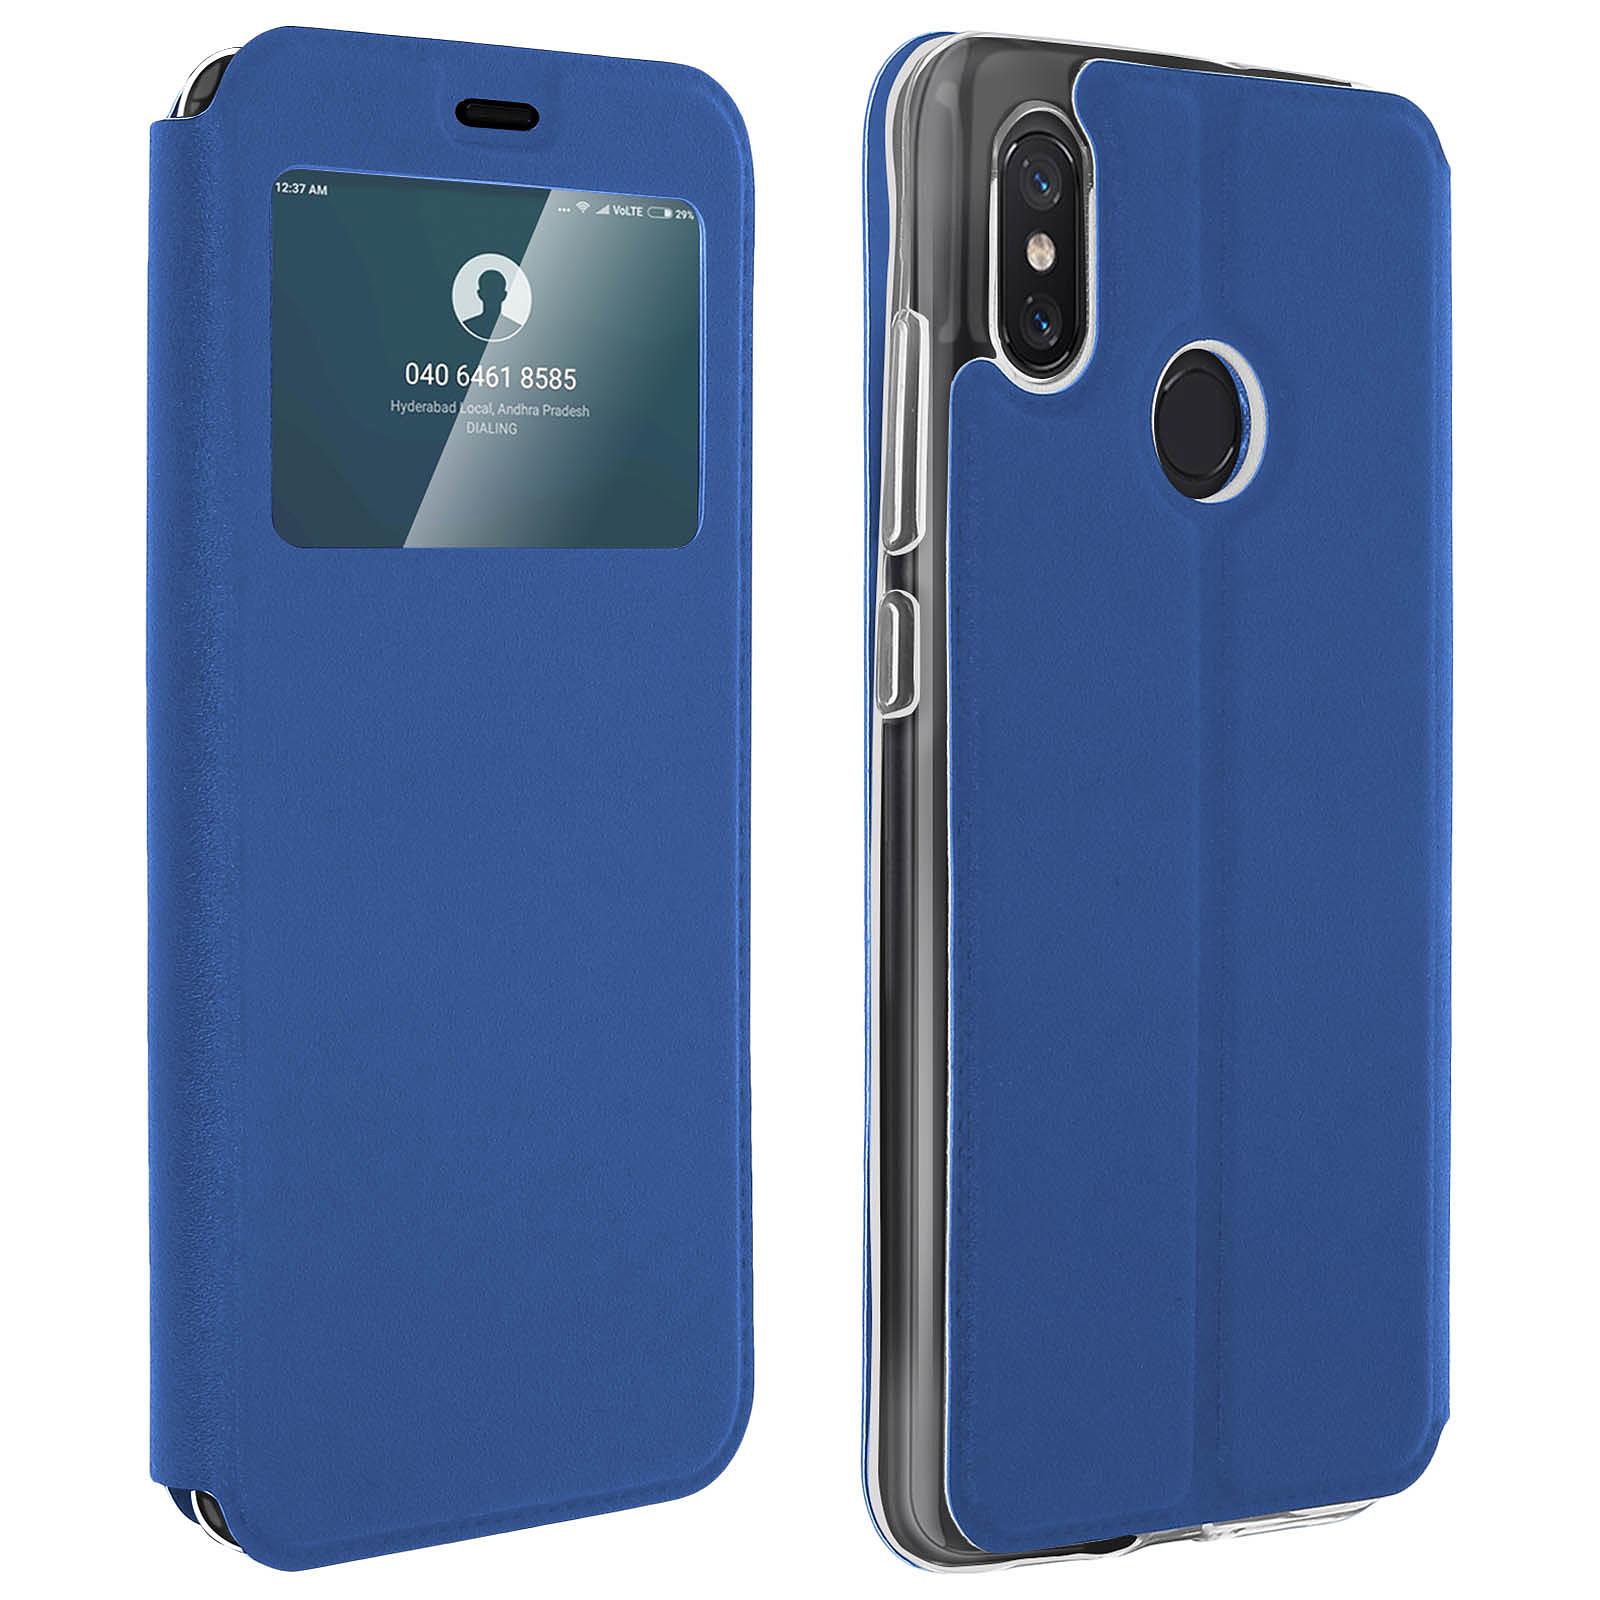 Avizar Etui folio Bleu pour Xiaomi Mi 8 , Xiaomi Mi 8 Pro